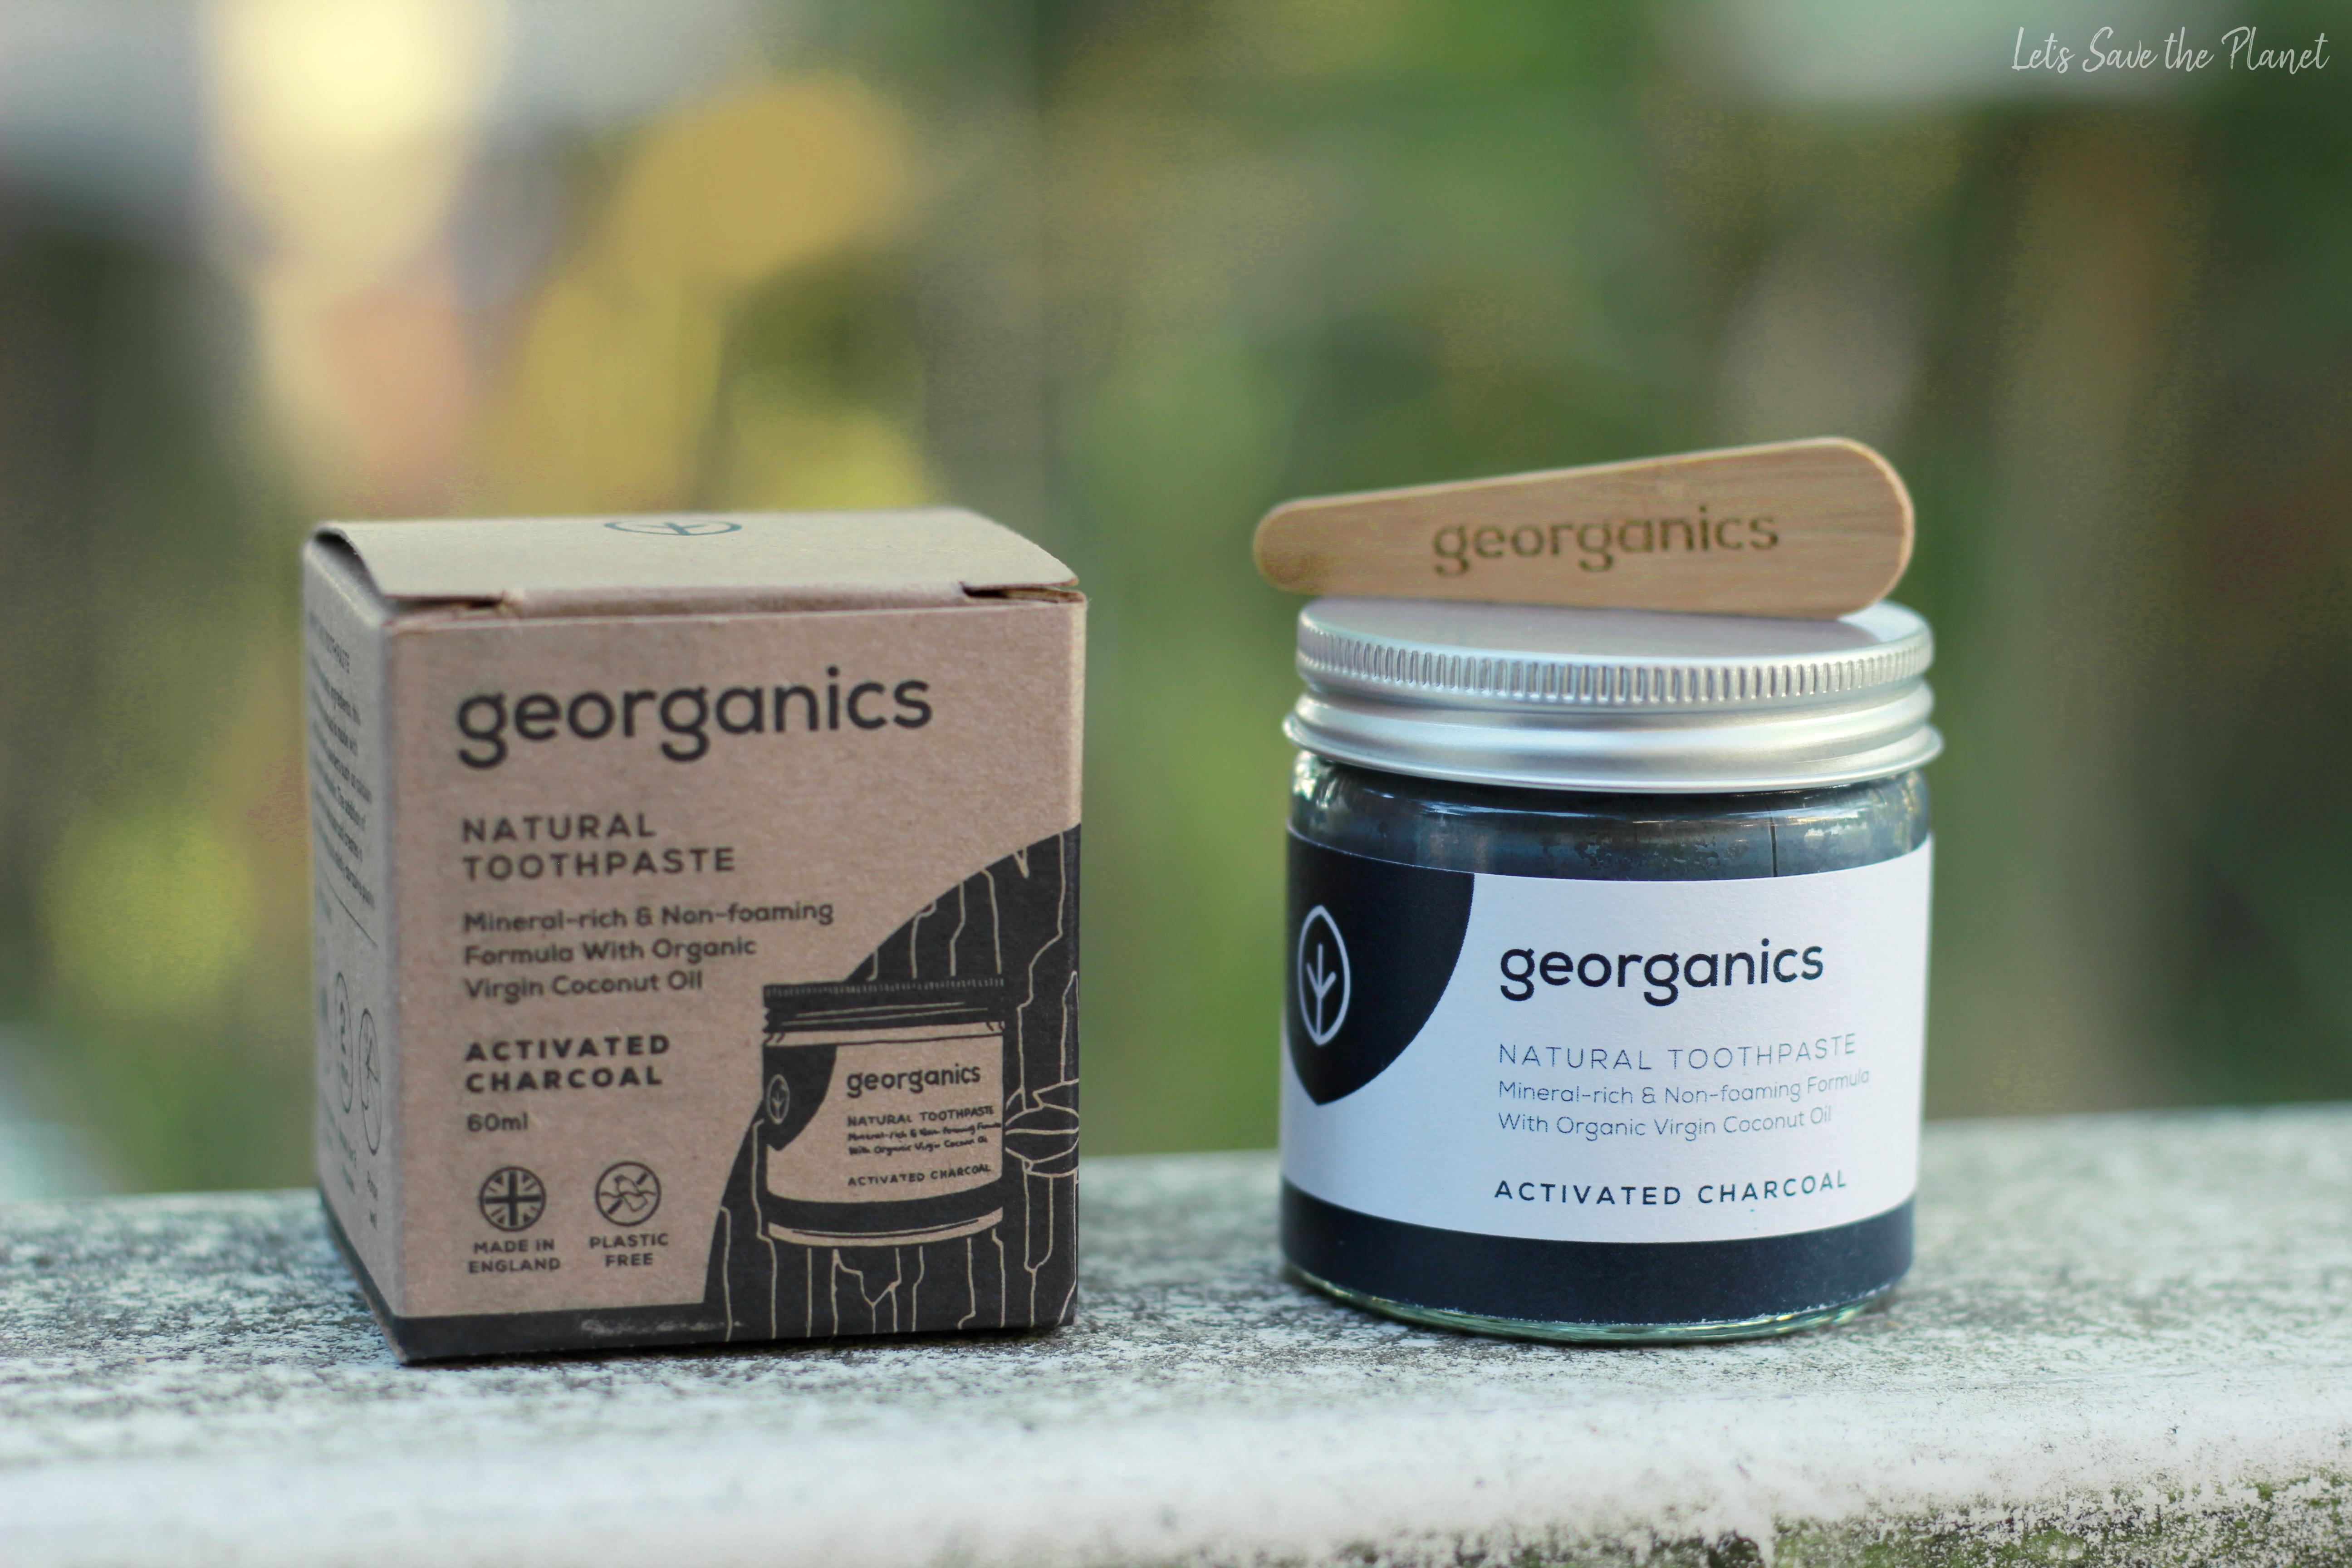 Pasta de dentes da georganics com respetiva embalagem e espátula